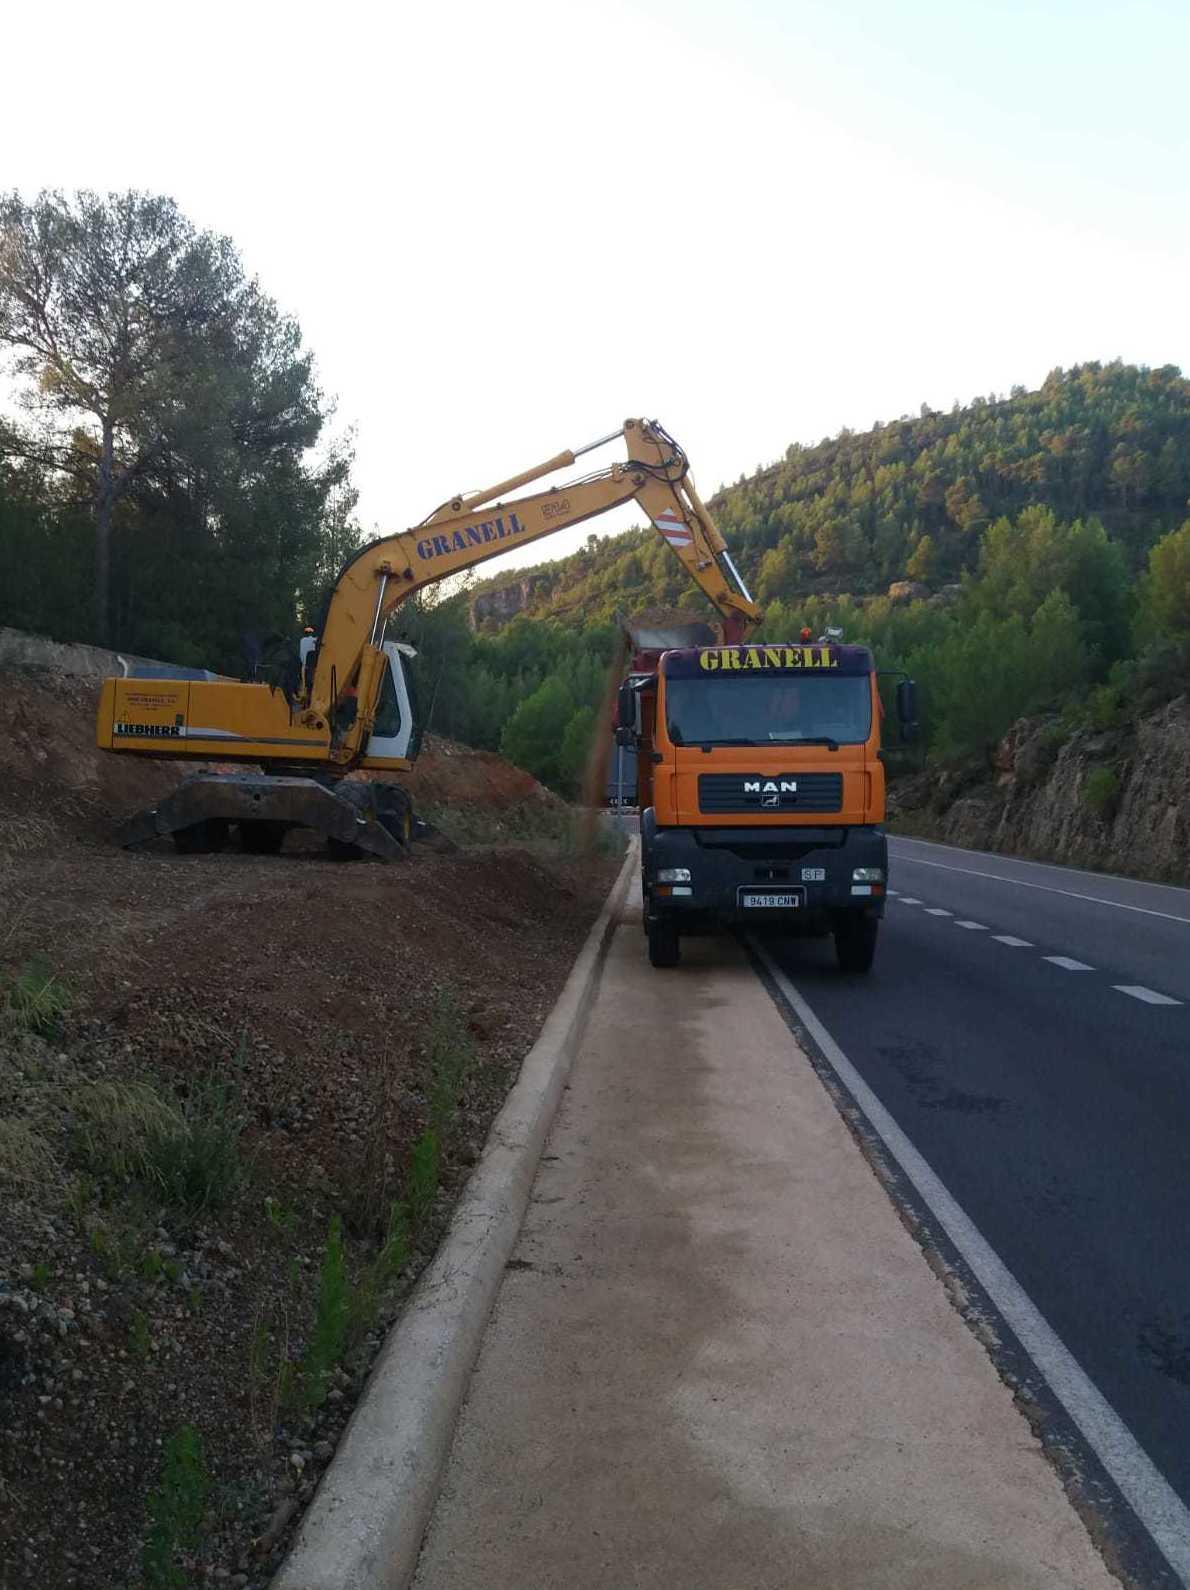 Construcción y mantenimiento de caminos, pistas forestales y carreteras: Servicios de Excavaciones José Granell